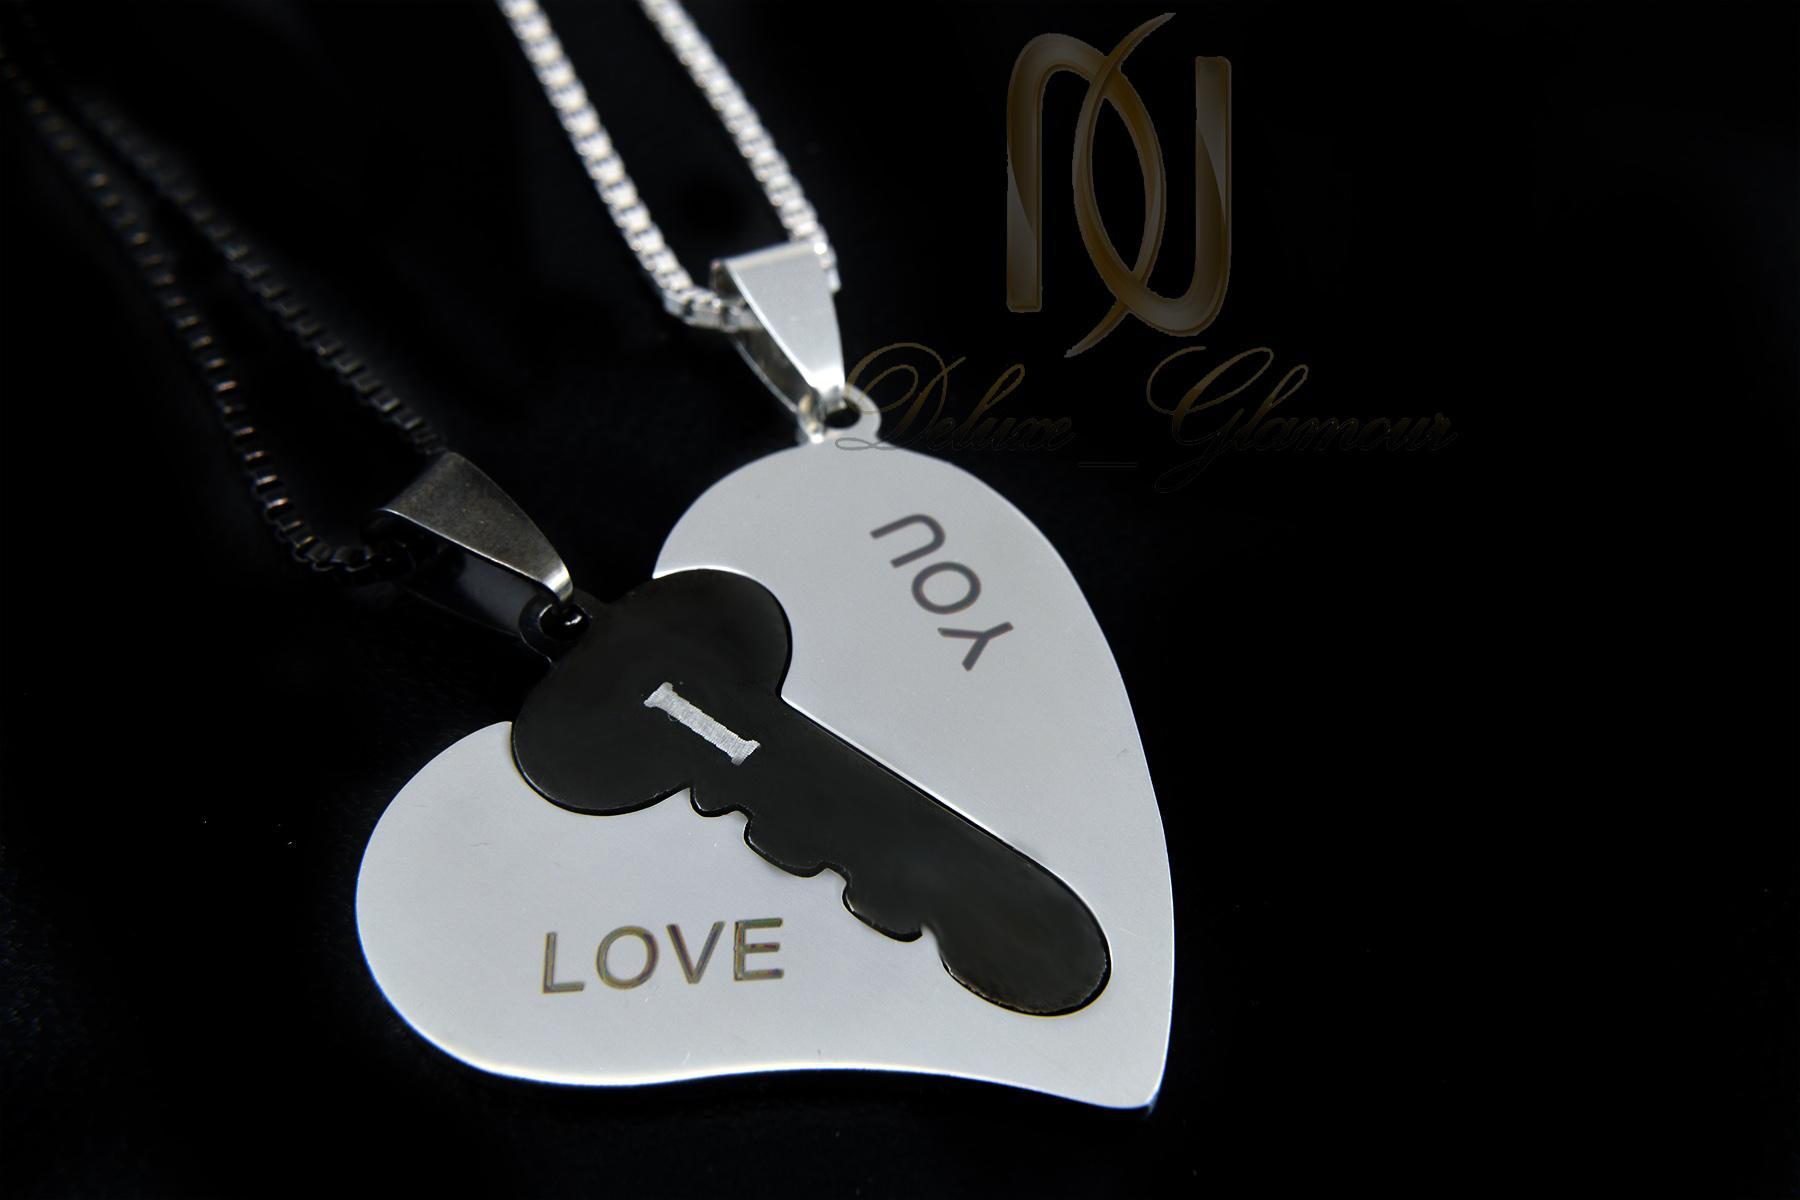 گردنبند ست عاشقانه طرح قلب و کلید mf-n115 (3)